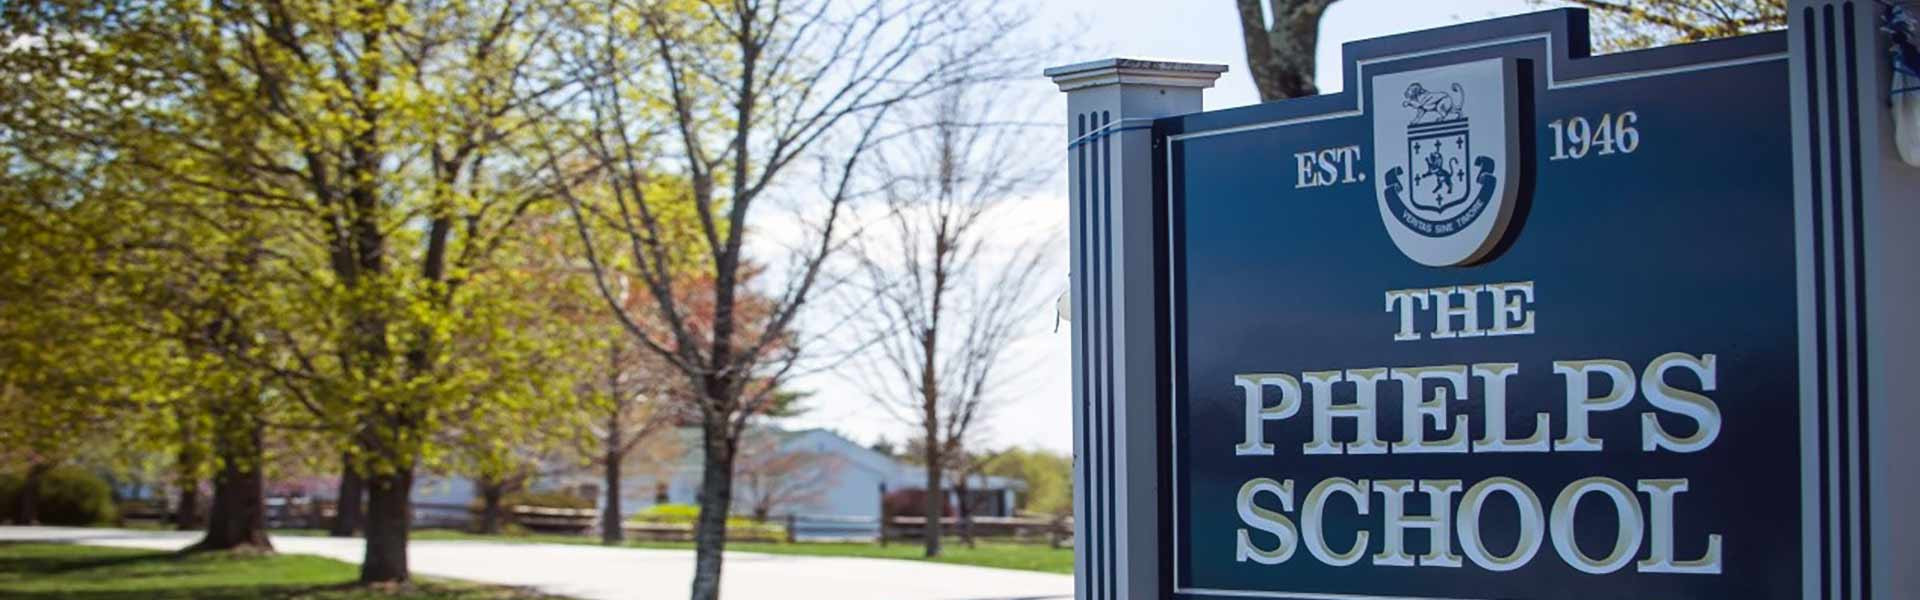 ThePhelpsSchool-Boarding-PA-School-Sign-Banner-2020